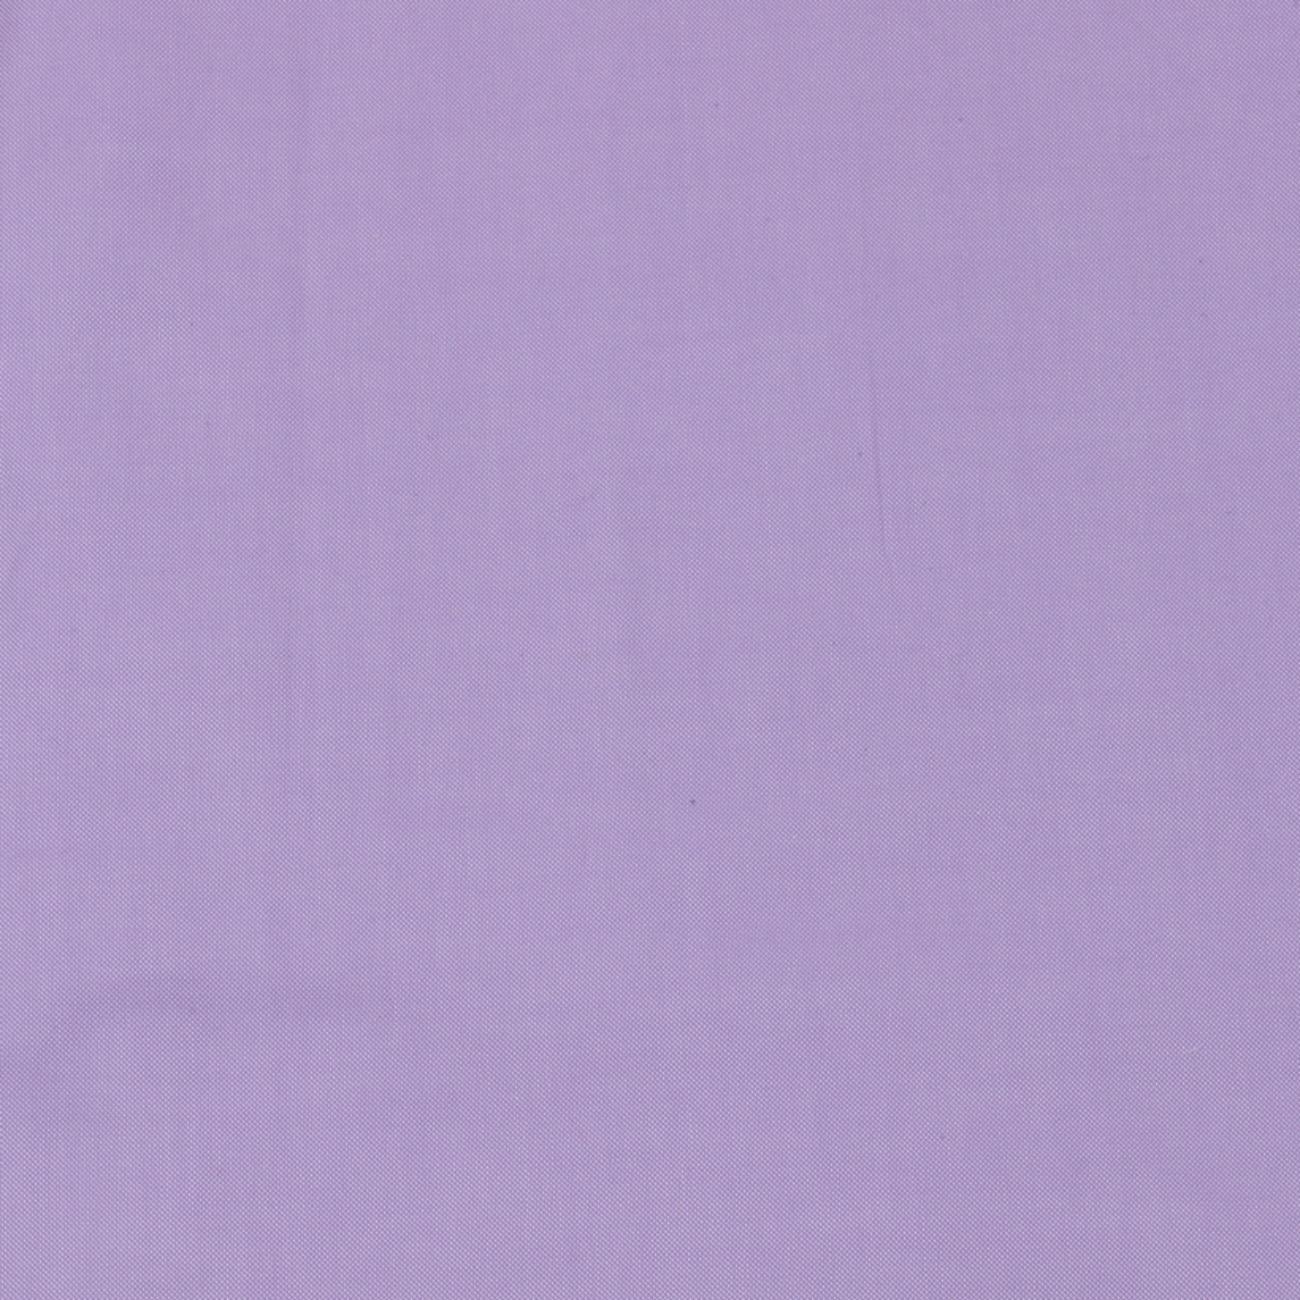 现货素色梭织色织无弹休闲时尚风格衬衫连衣裙 短裙 棉感 薄 全棉色织布 春夏秋60929-82